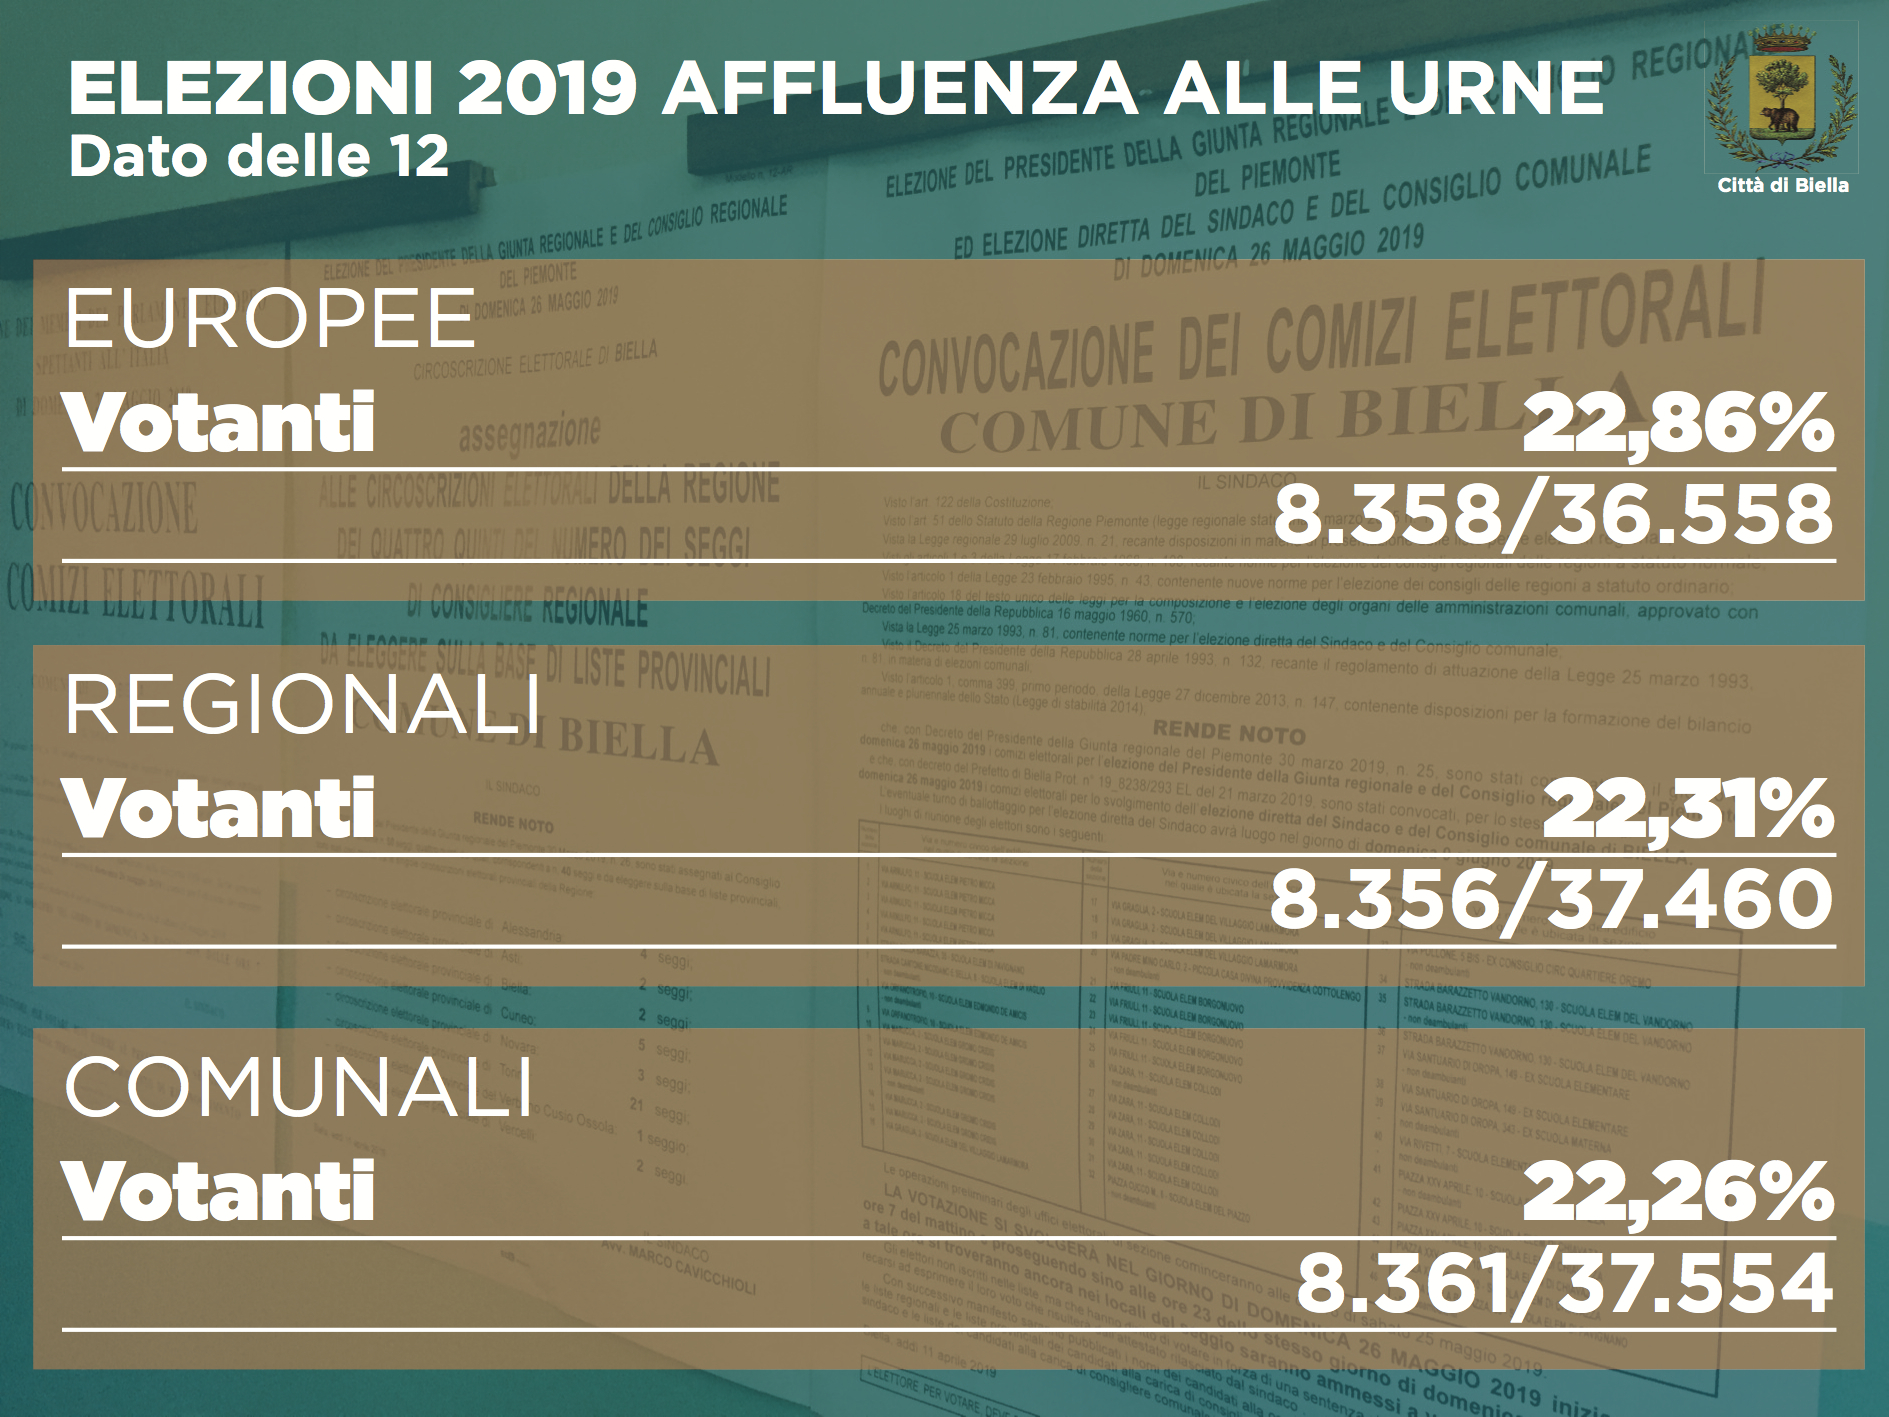 Elezioni 2019, affluenza alle ore 12